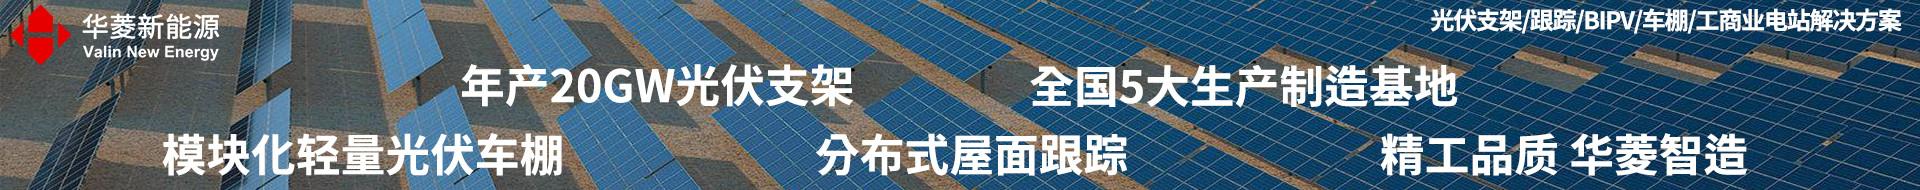 华菱新能源